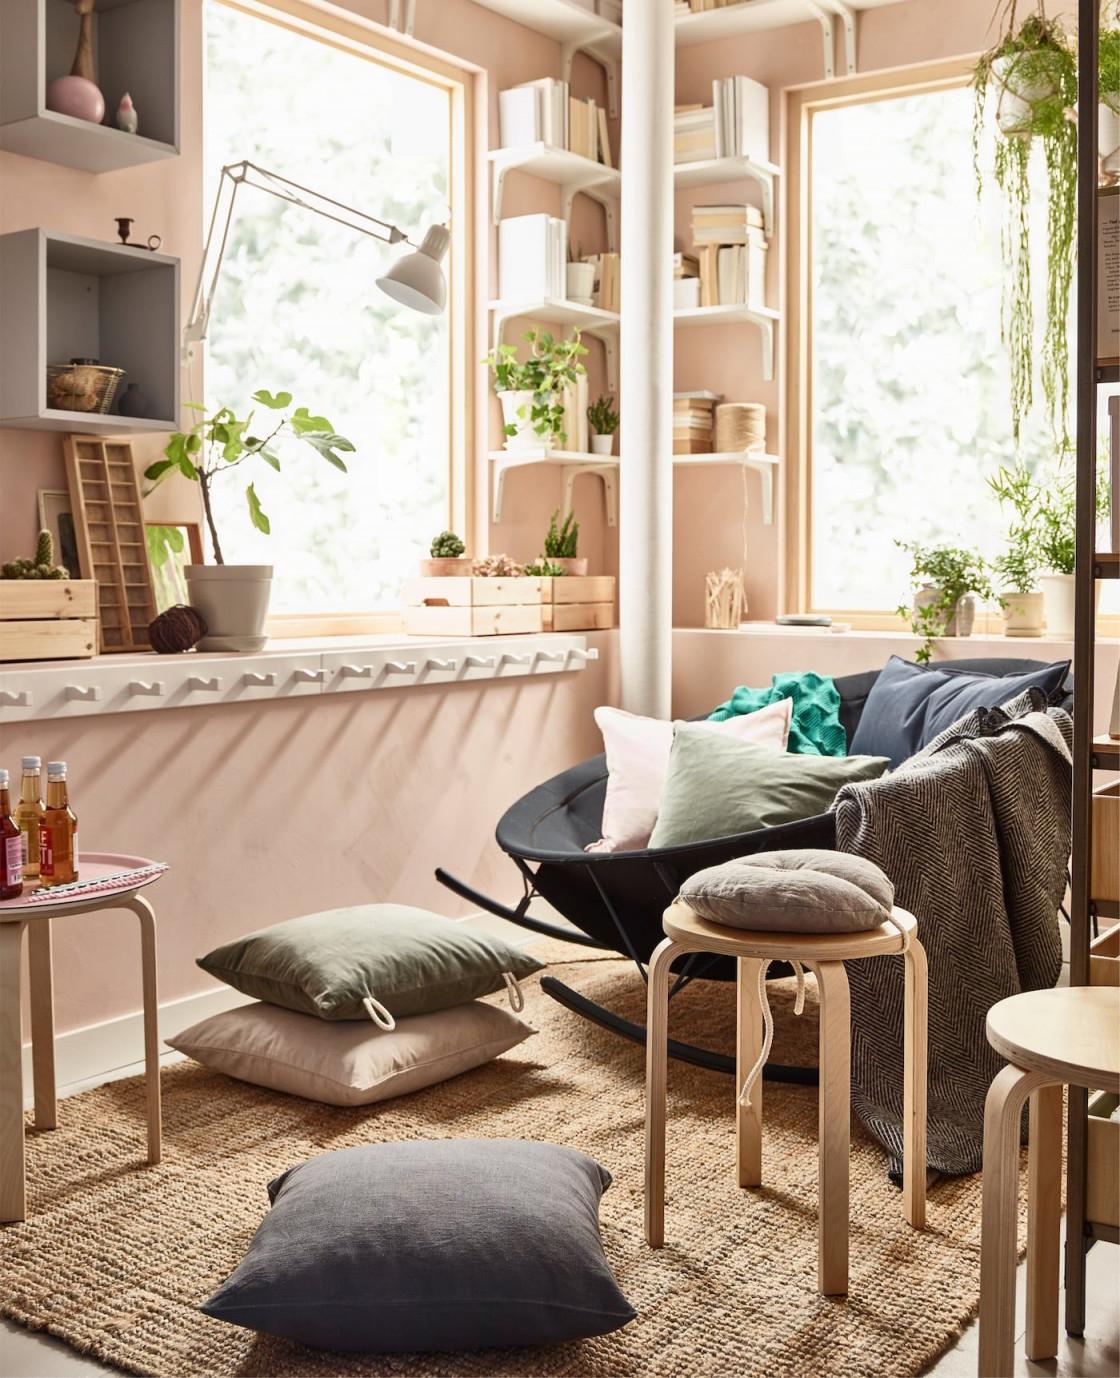 Zeninspirert Stue  Wohnzimmer Einrichten Zen Wohnzimmer von Wohnzimmer Günstig Einrichten Bild